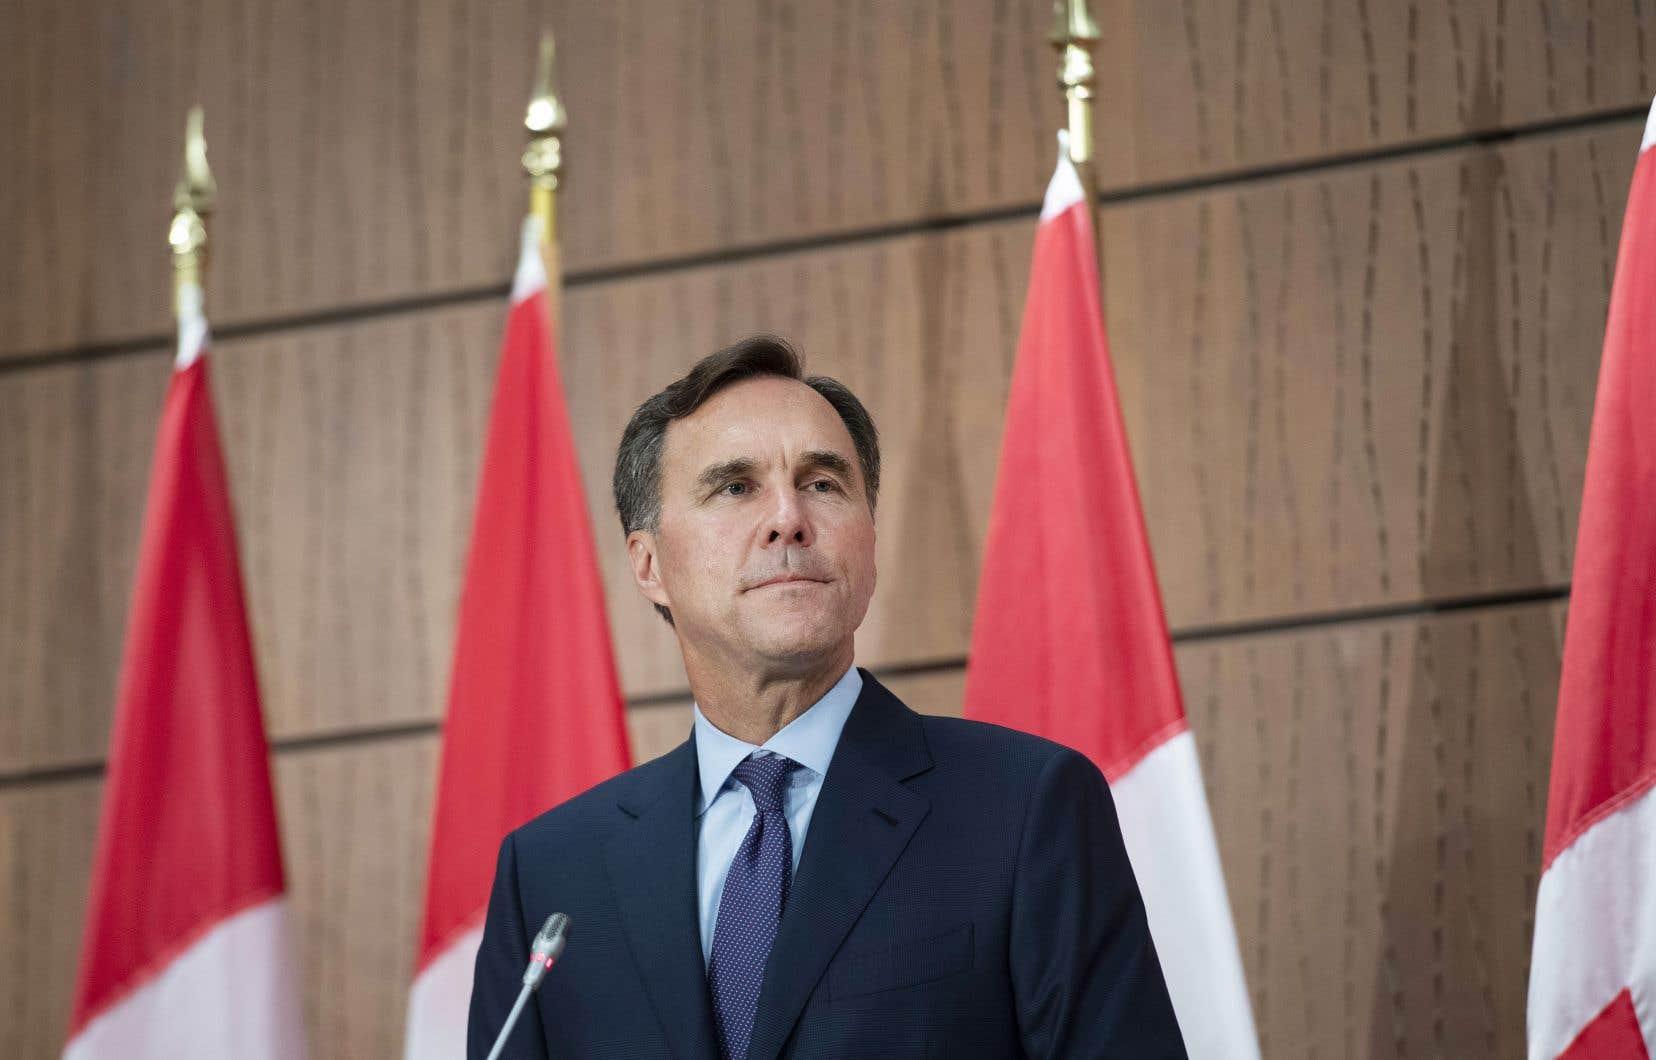 Bill Morneau a démissionné de son poste de ministre des Finances et de député fédéral à la mi-août, dans la foulée du scandale UNIS.